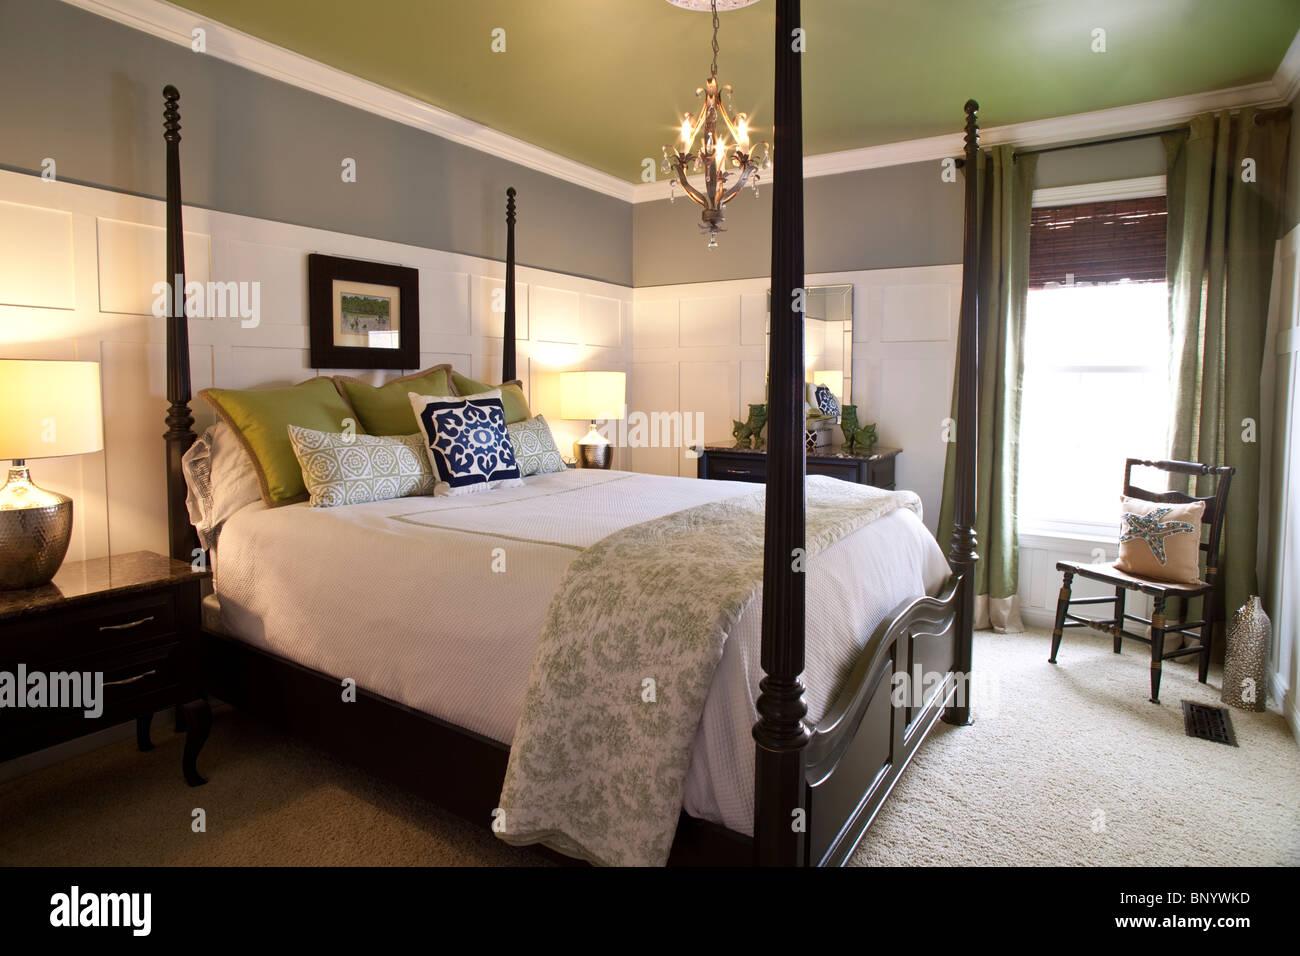 Zeitgenössische Schlafzimmer Mit Doppel Himmelbett. Amerikanischen Stil Mit  Verwendung Der Passenden Farben Grau, Weiß, Säure Grün